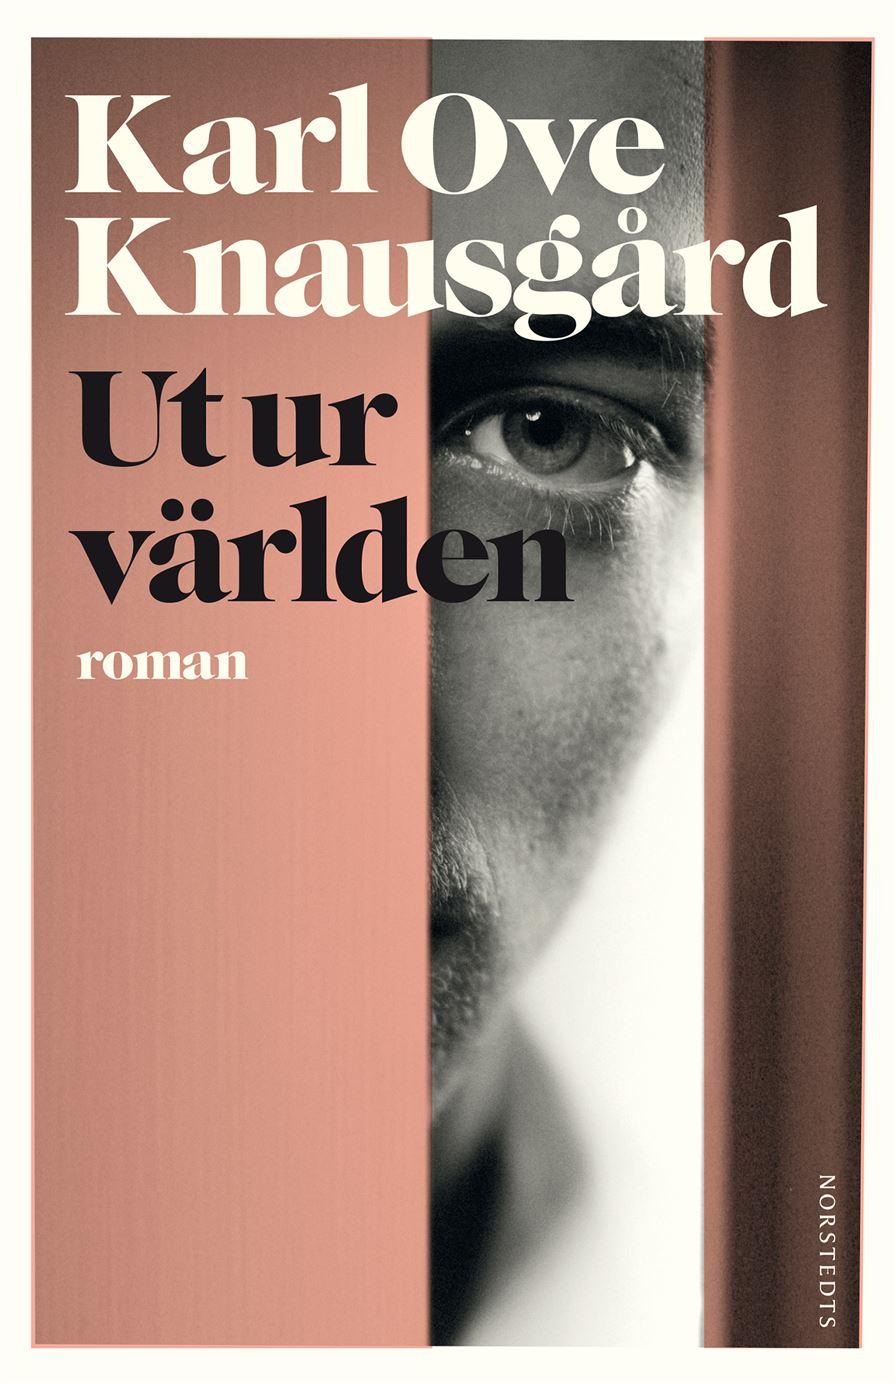 Karl Ove Knausgård, Ut ur världen (Norstedts, 2015).